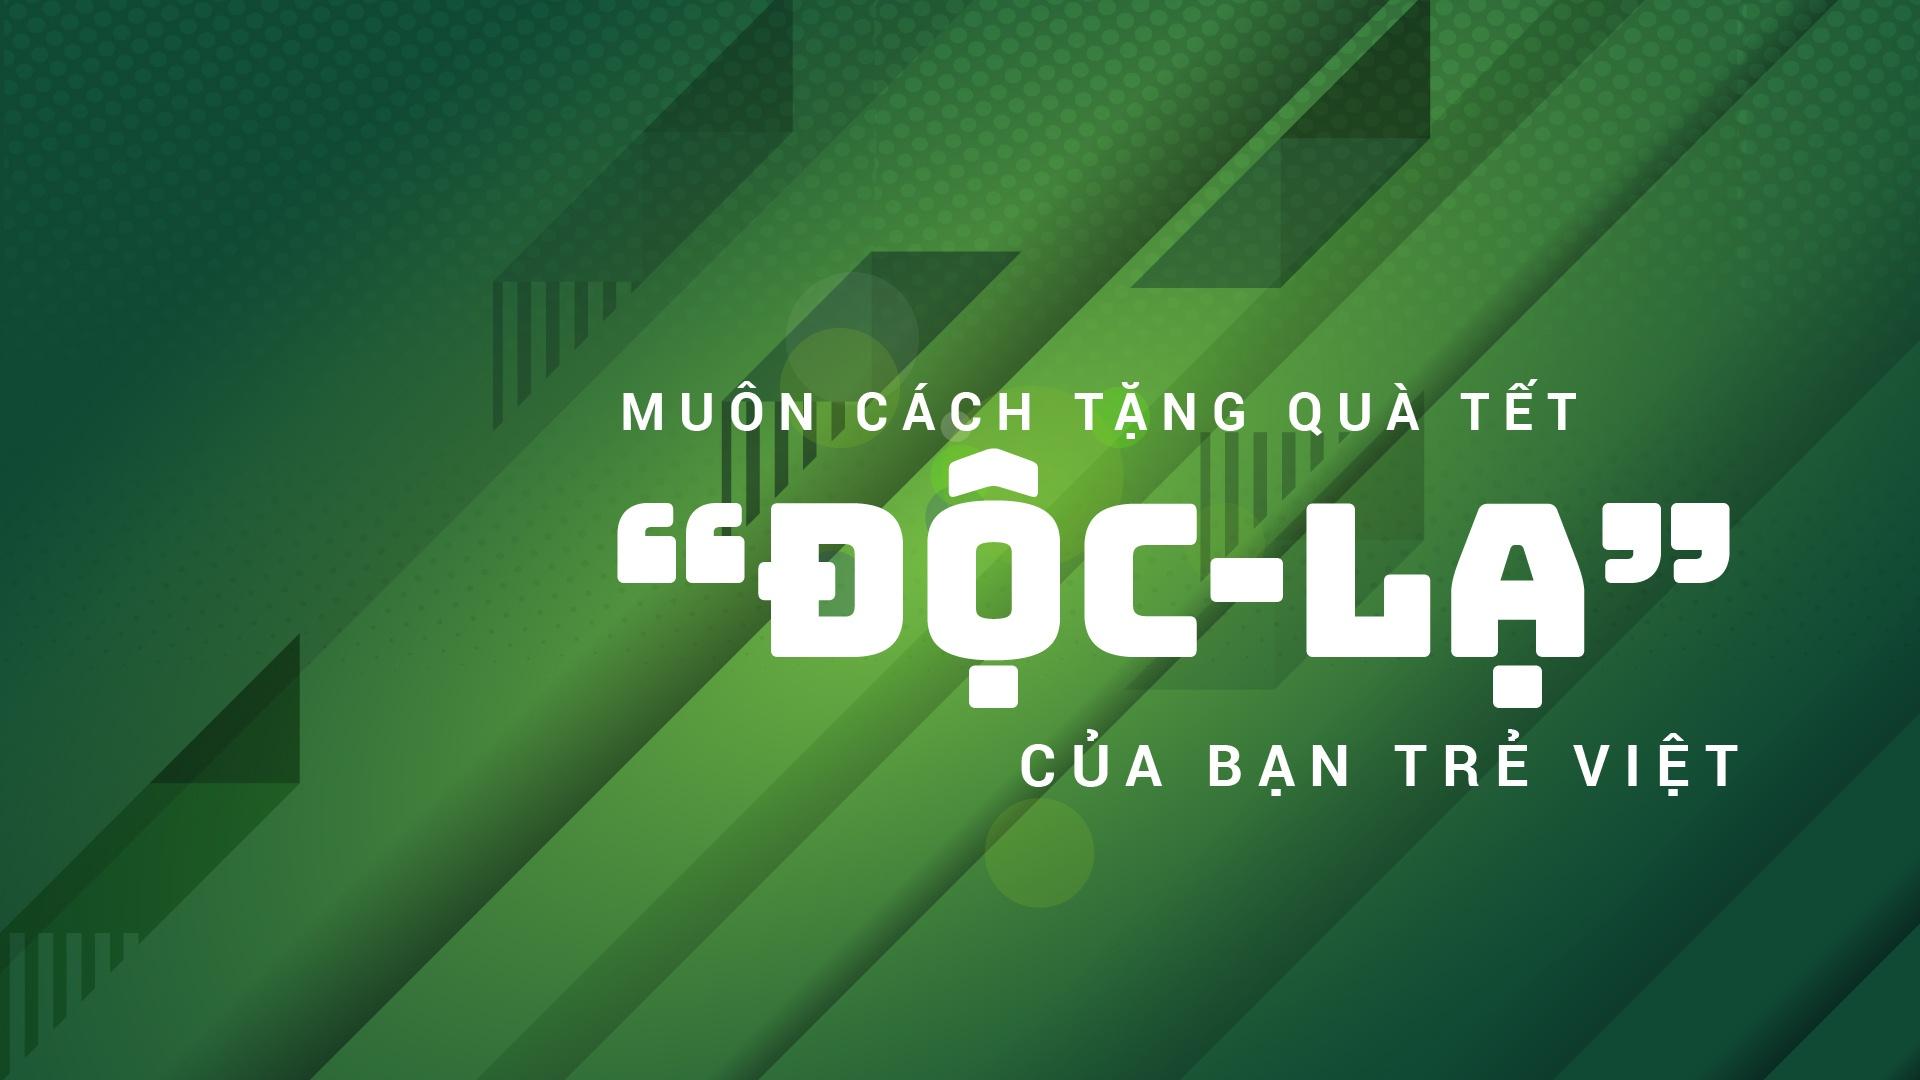 Muon cach tang qua Tet 'doc - la' cua ban tre Viet hinh anh 2